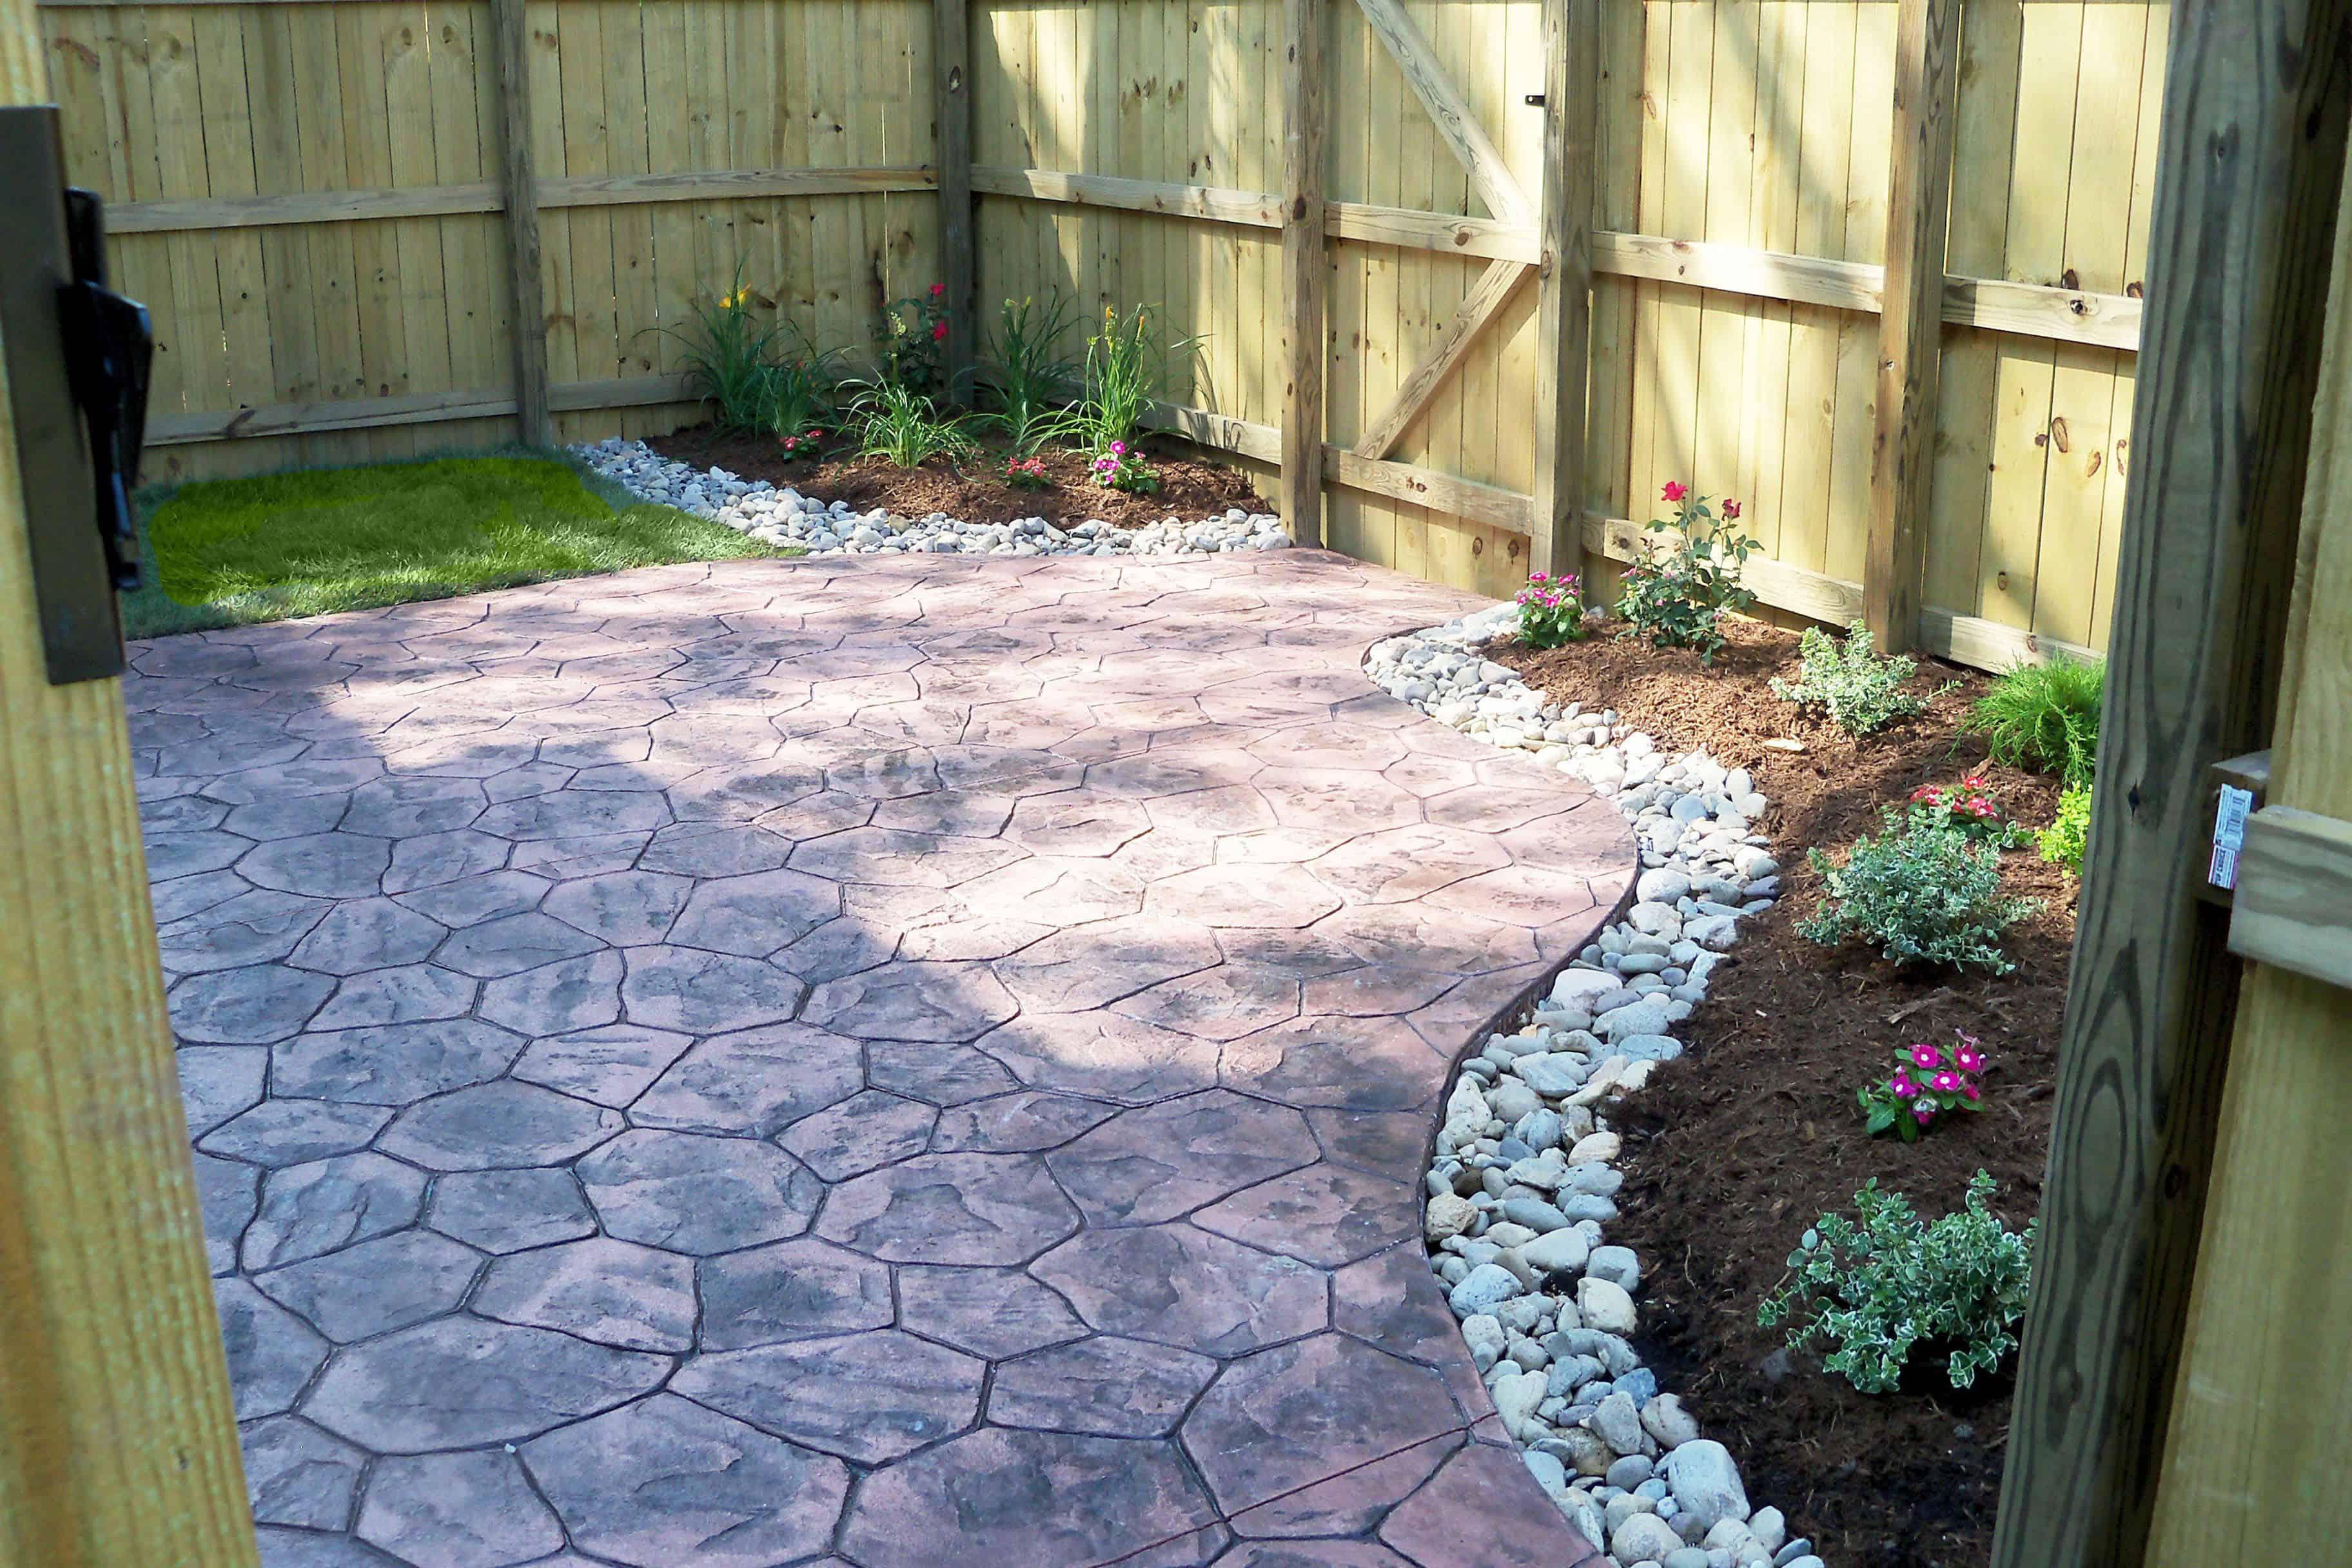 8. Use colorful Random stamped concrete for small backyard via Simphome.com